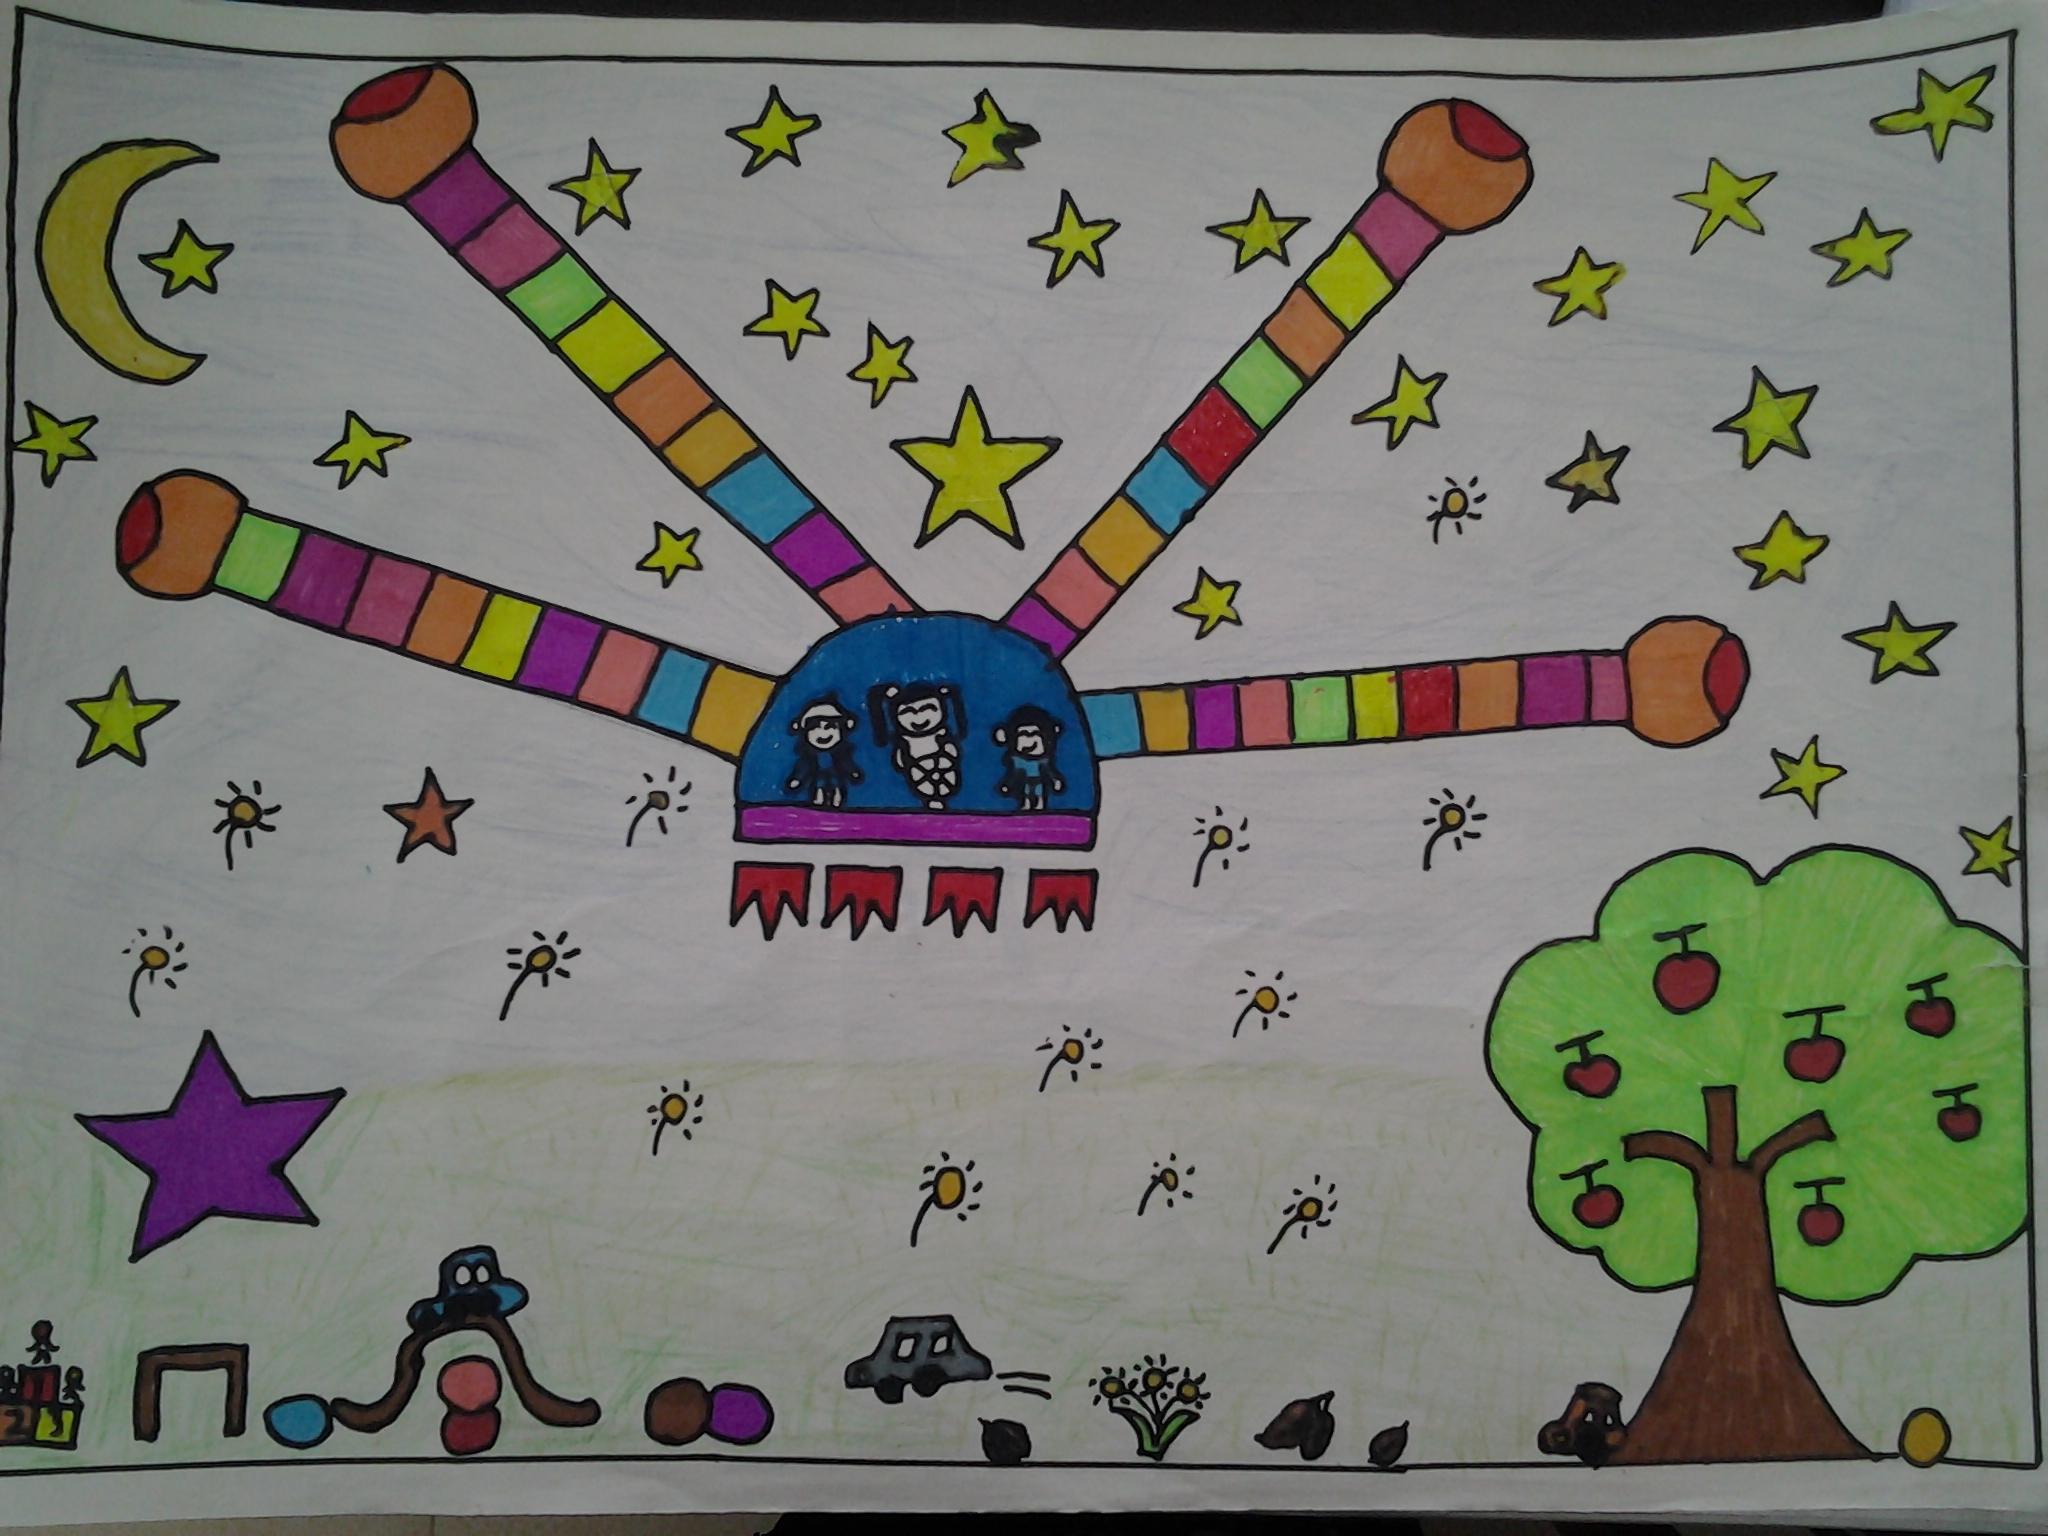 科技创新大赛少儿科幻画作品图片